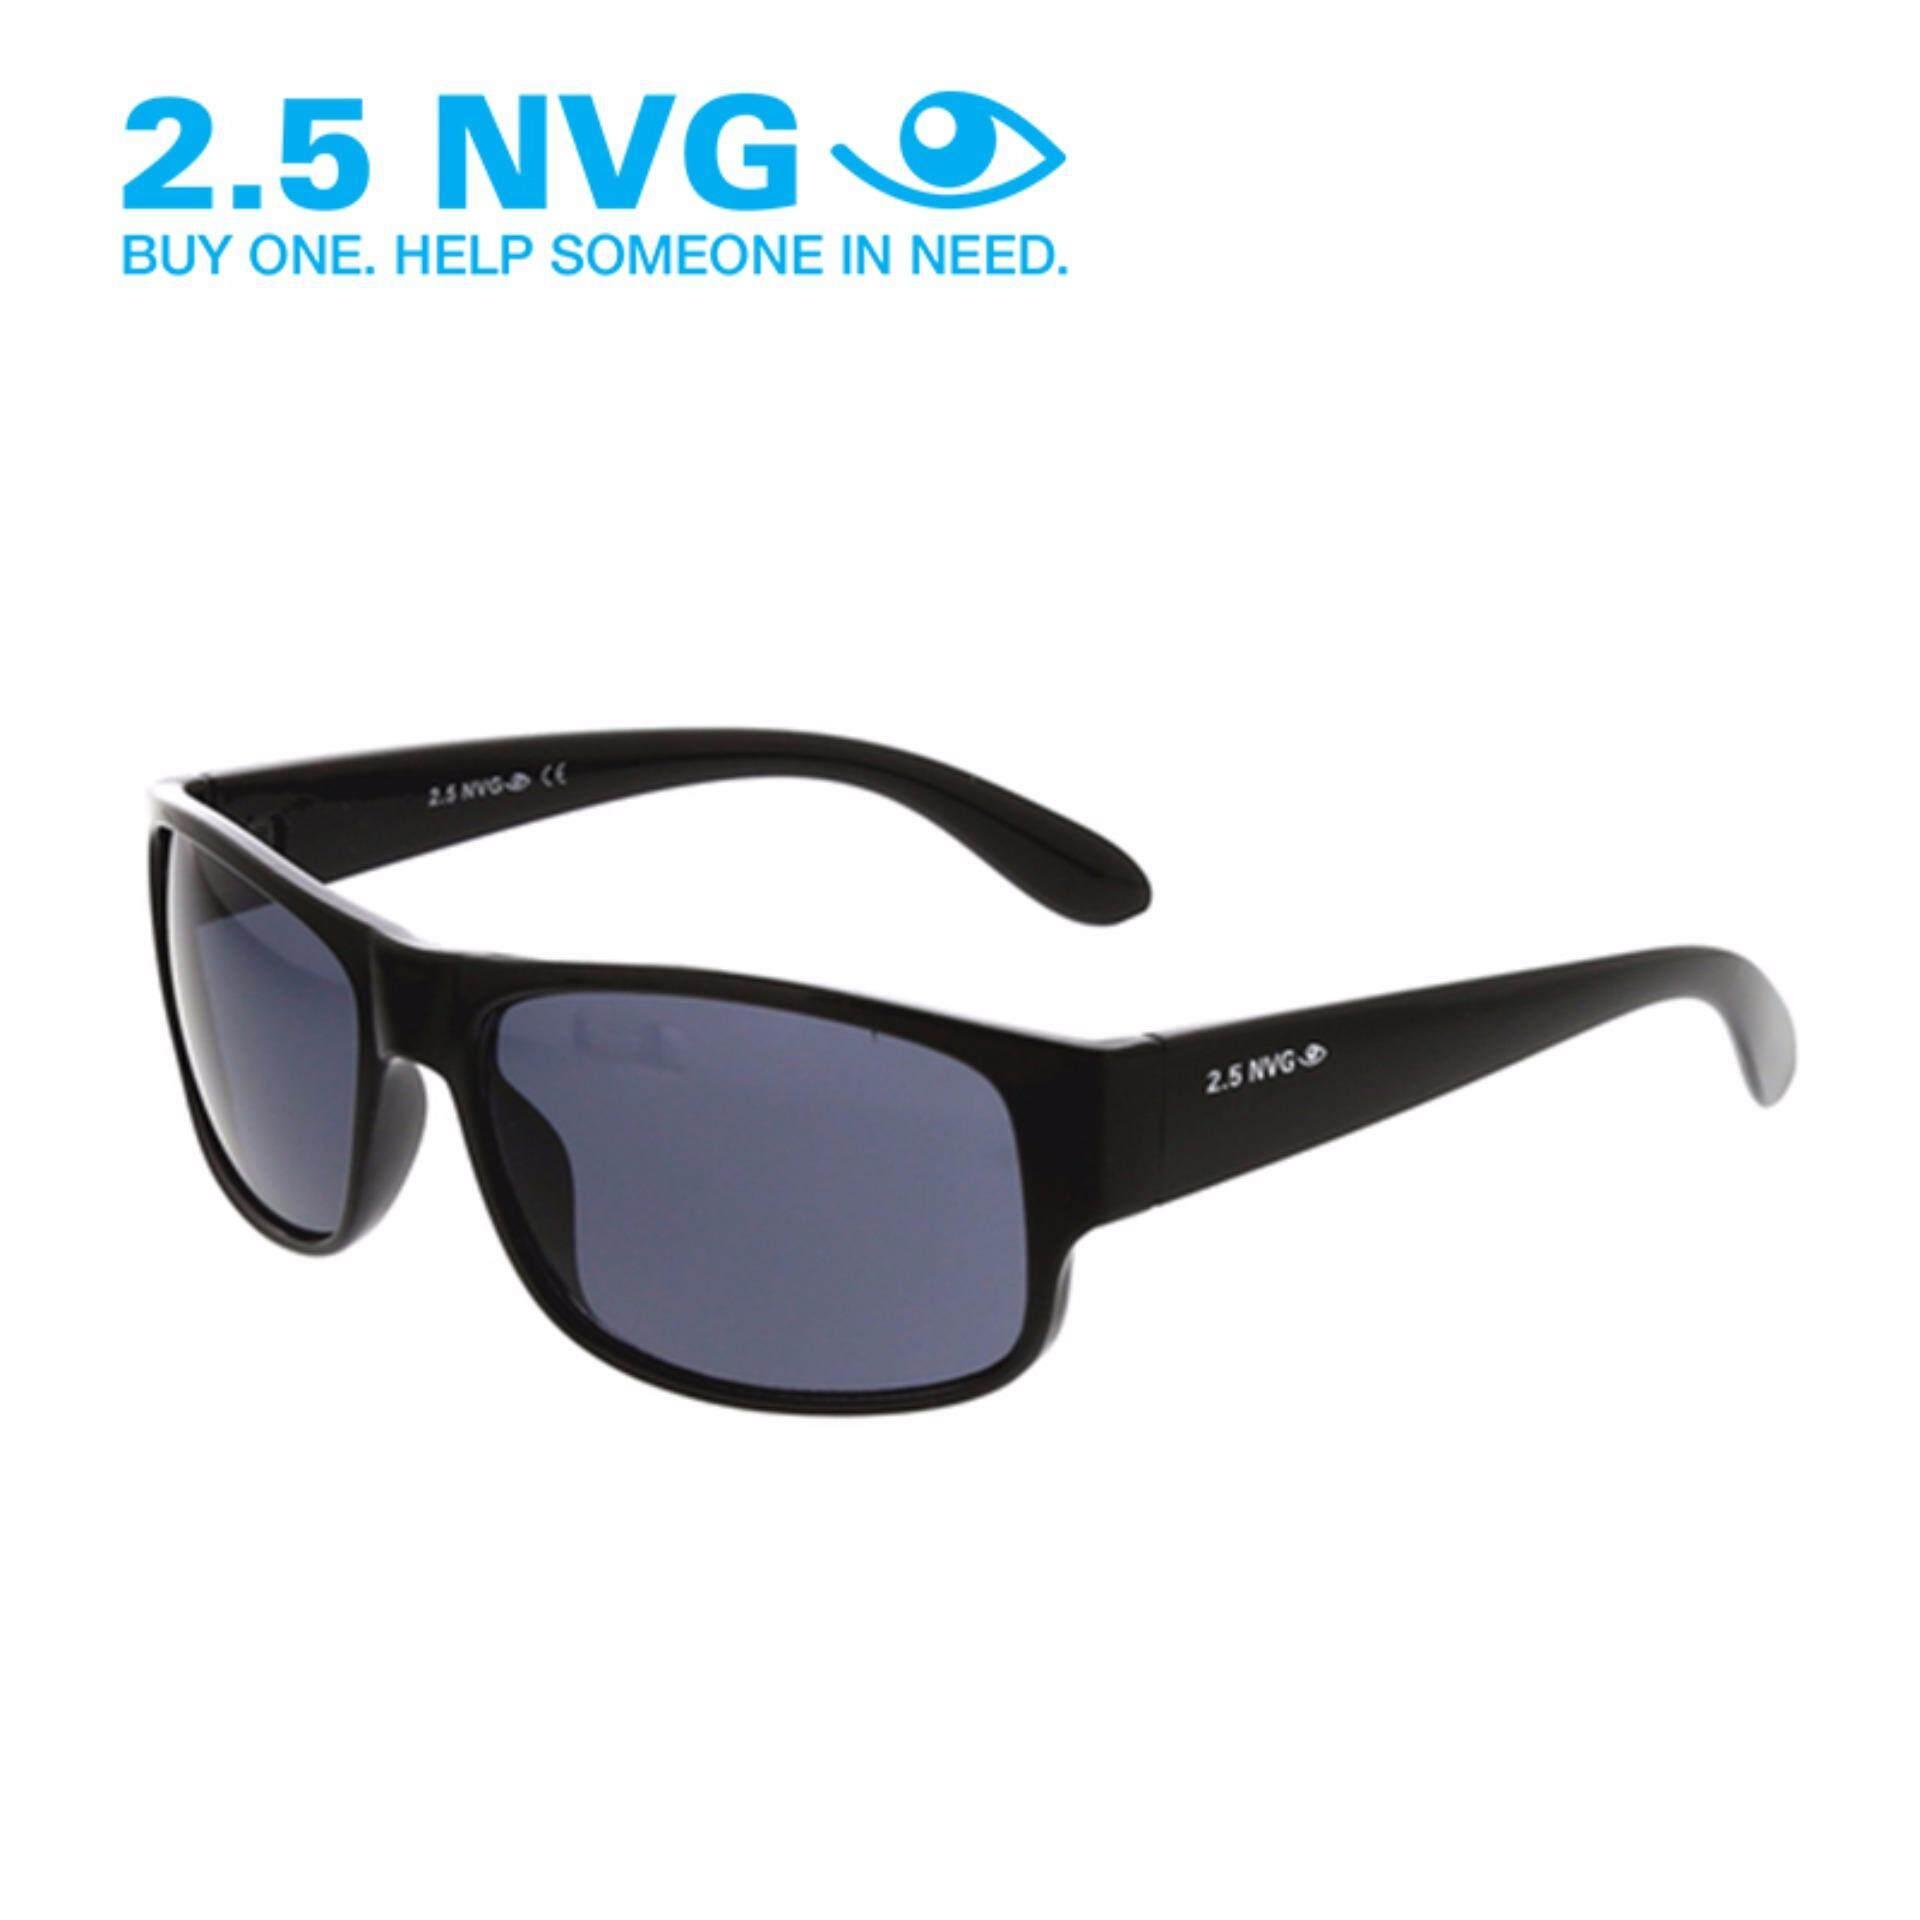 Toko 2 5 Nvg Pria Hitam Sunglasses Round Uv 400 Perlindungan Lensa Hitam Scm 004 By Coolwinks Yang Bisa Kredit